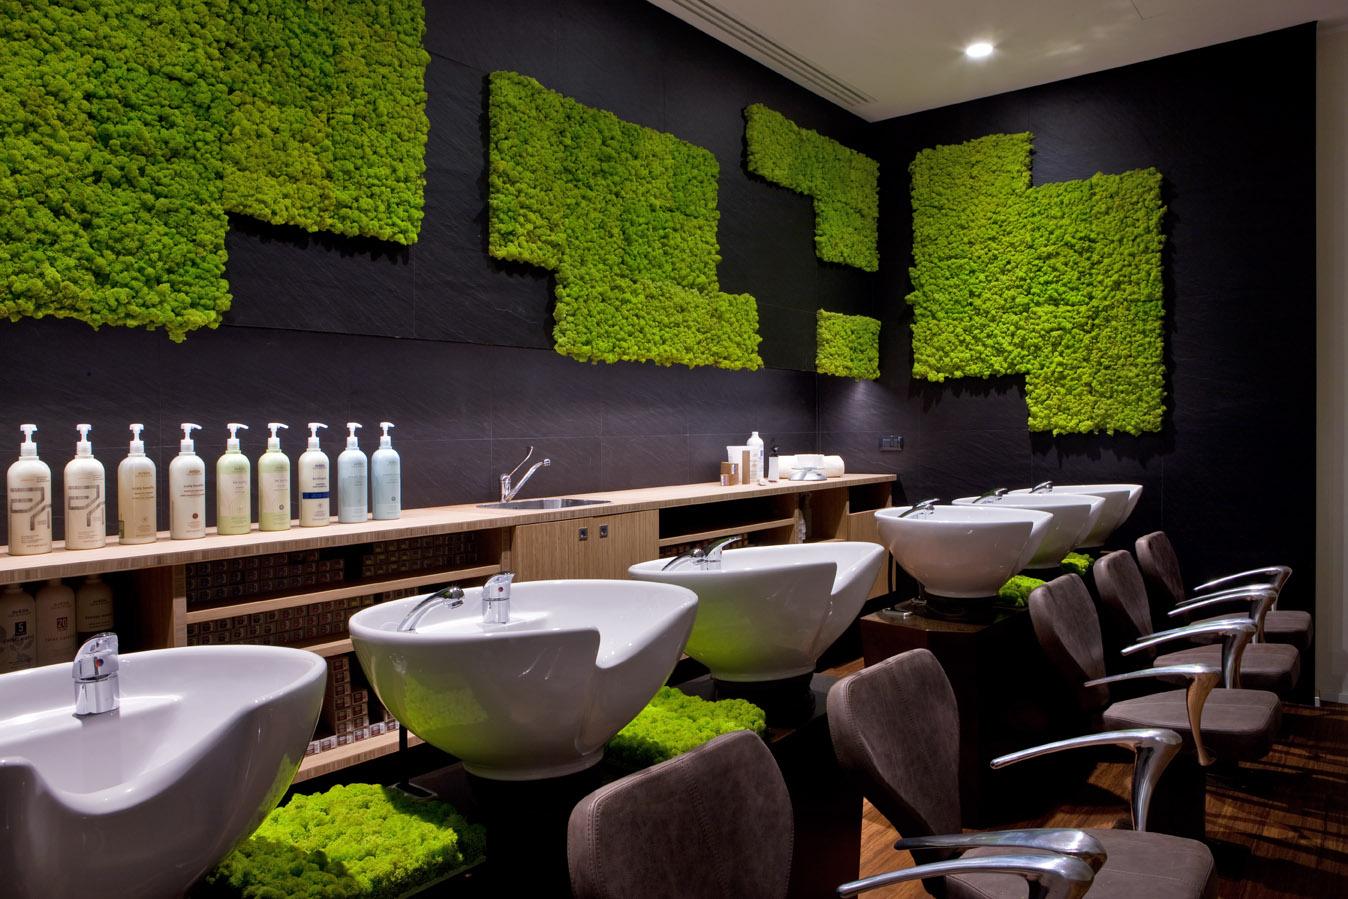 Nuova sede eco friendly per aveda italia modaonlive for Acqua aveda salon